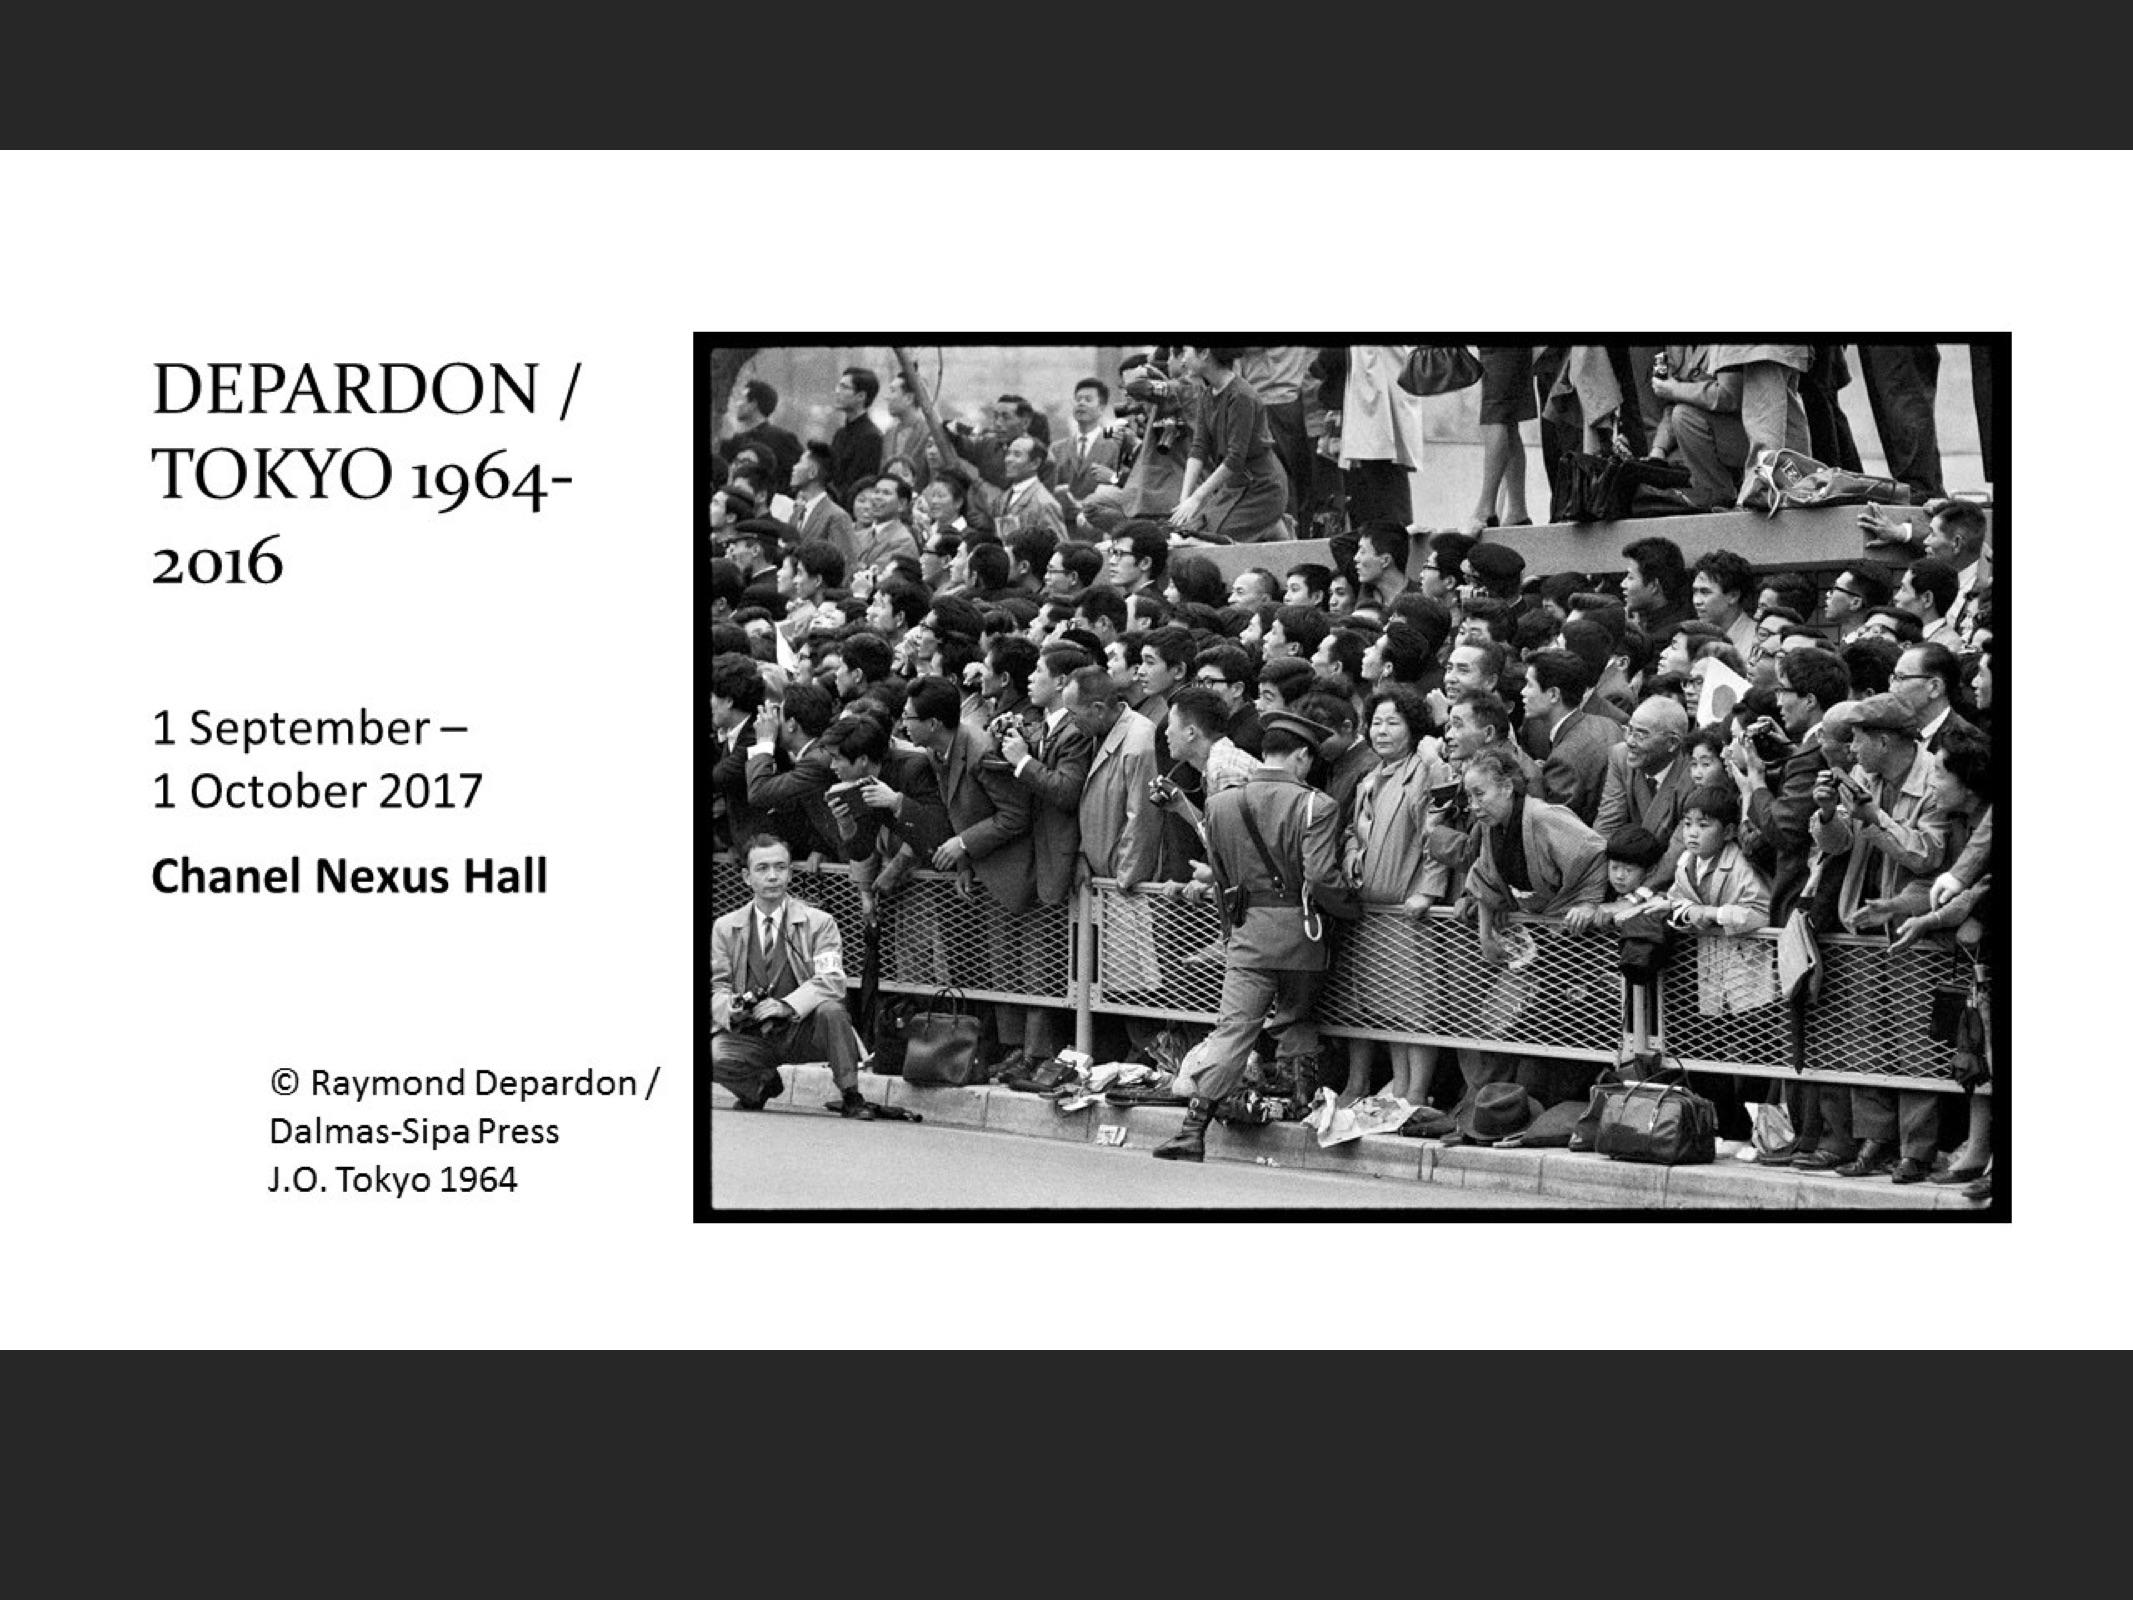 DEPARDON / TOKYO 1964-2016